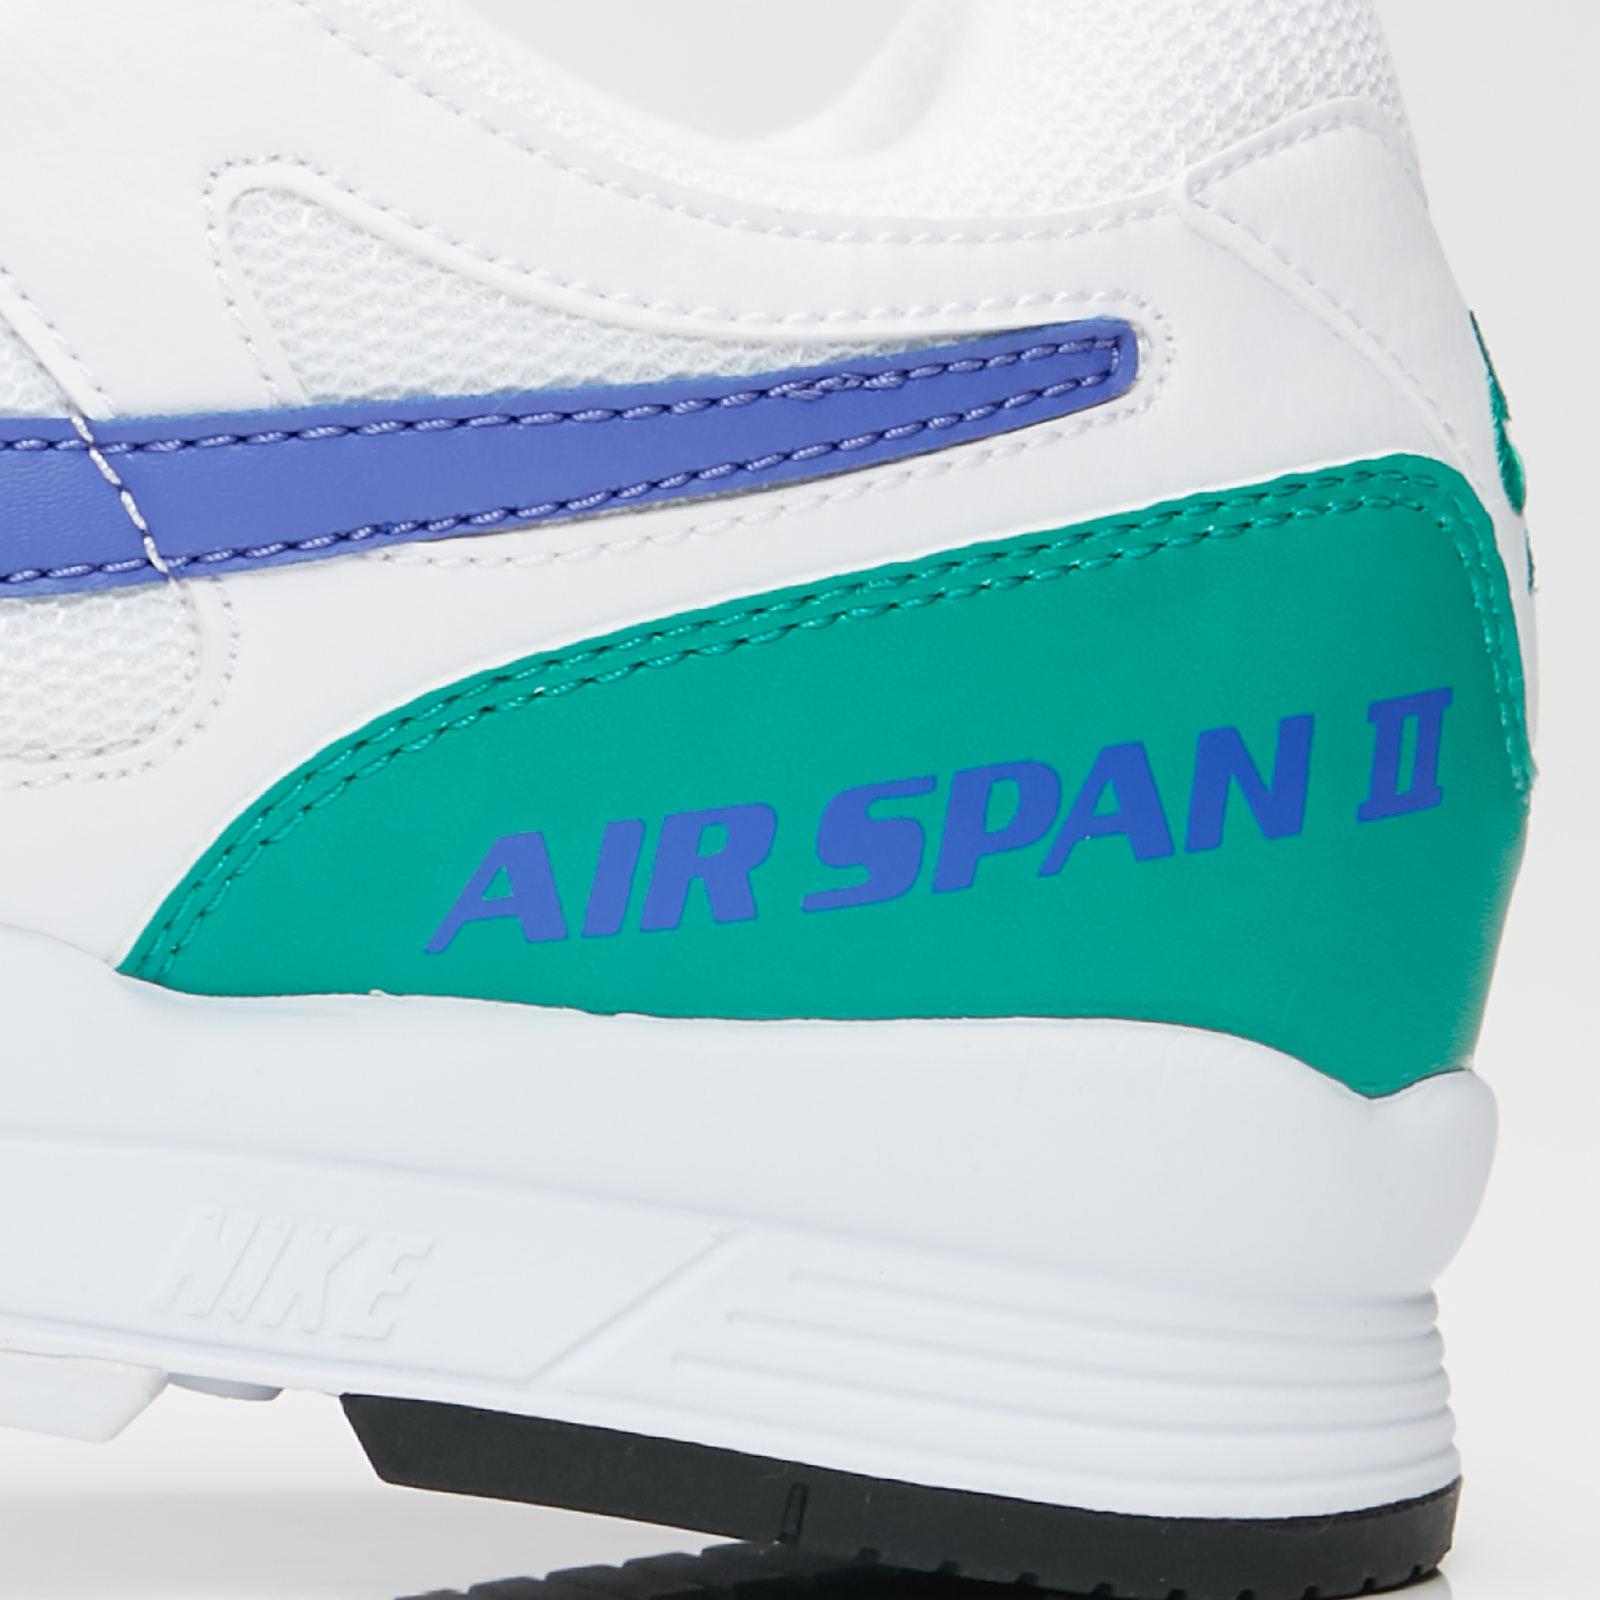 27fef62f684 Nike Air Span II - Ah8047-106 - Sneakersnstuff